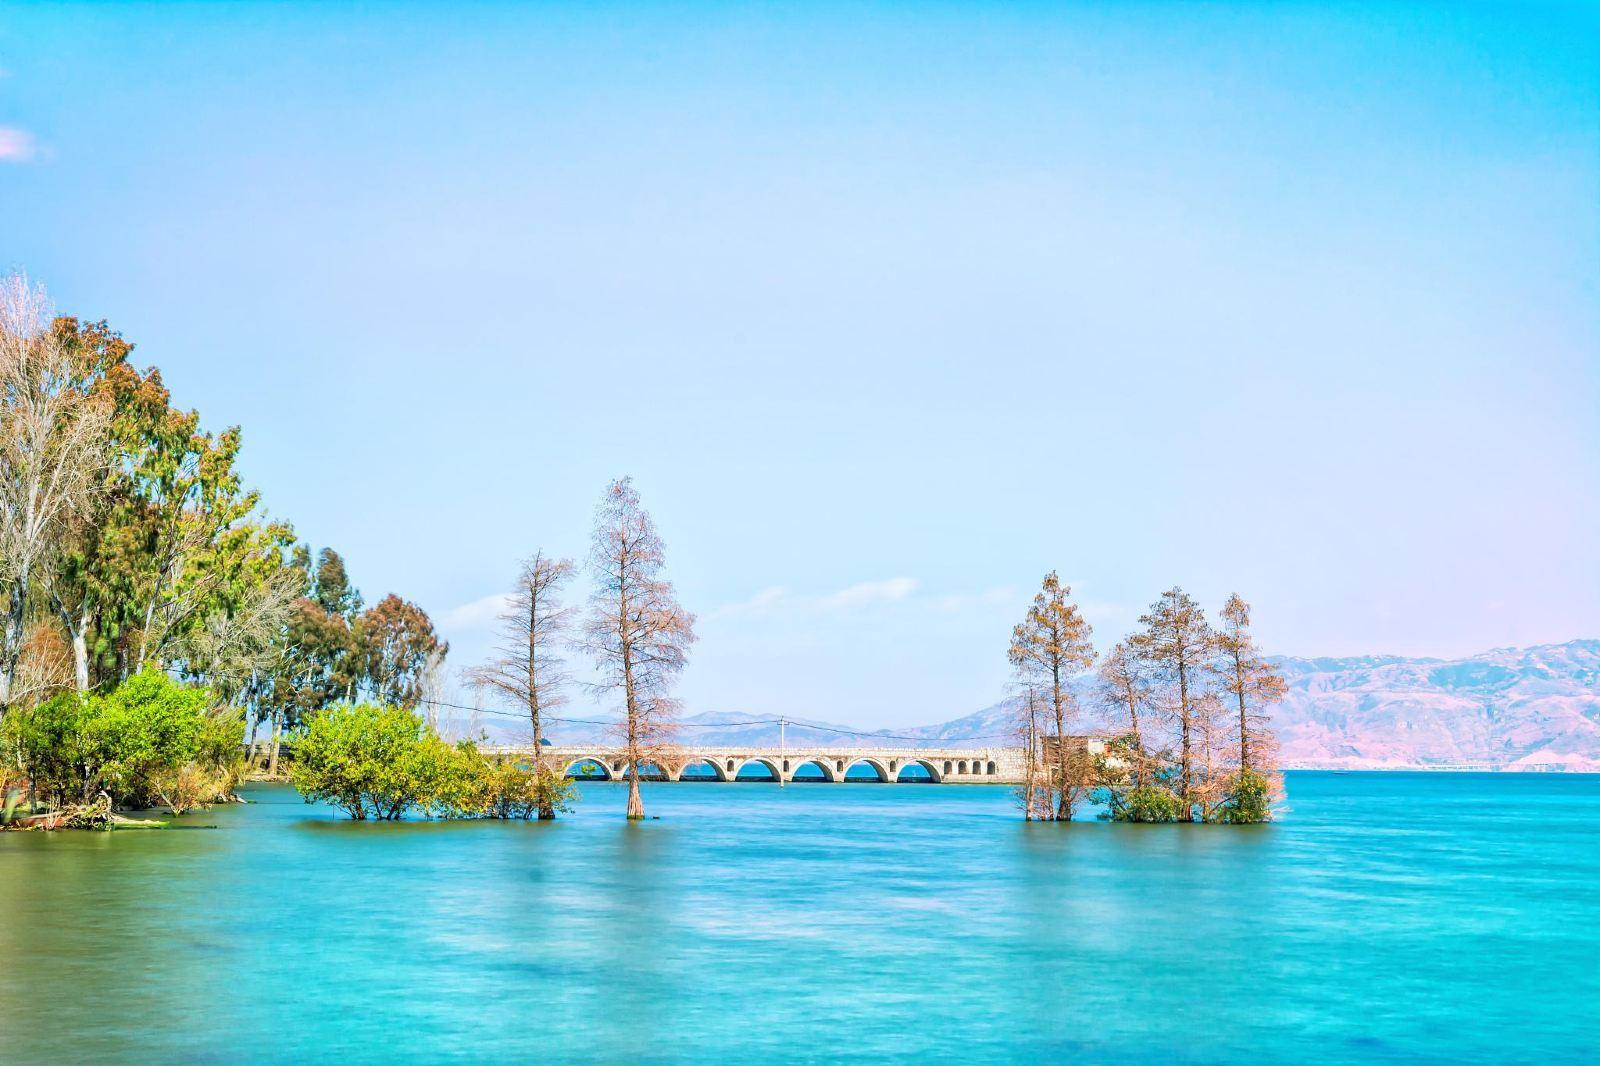 【云南昆明翠湖公园】——昆明的魅力